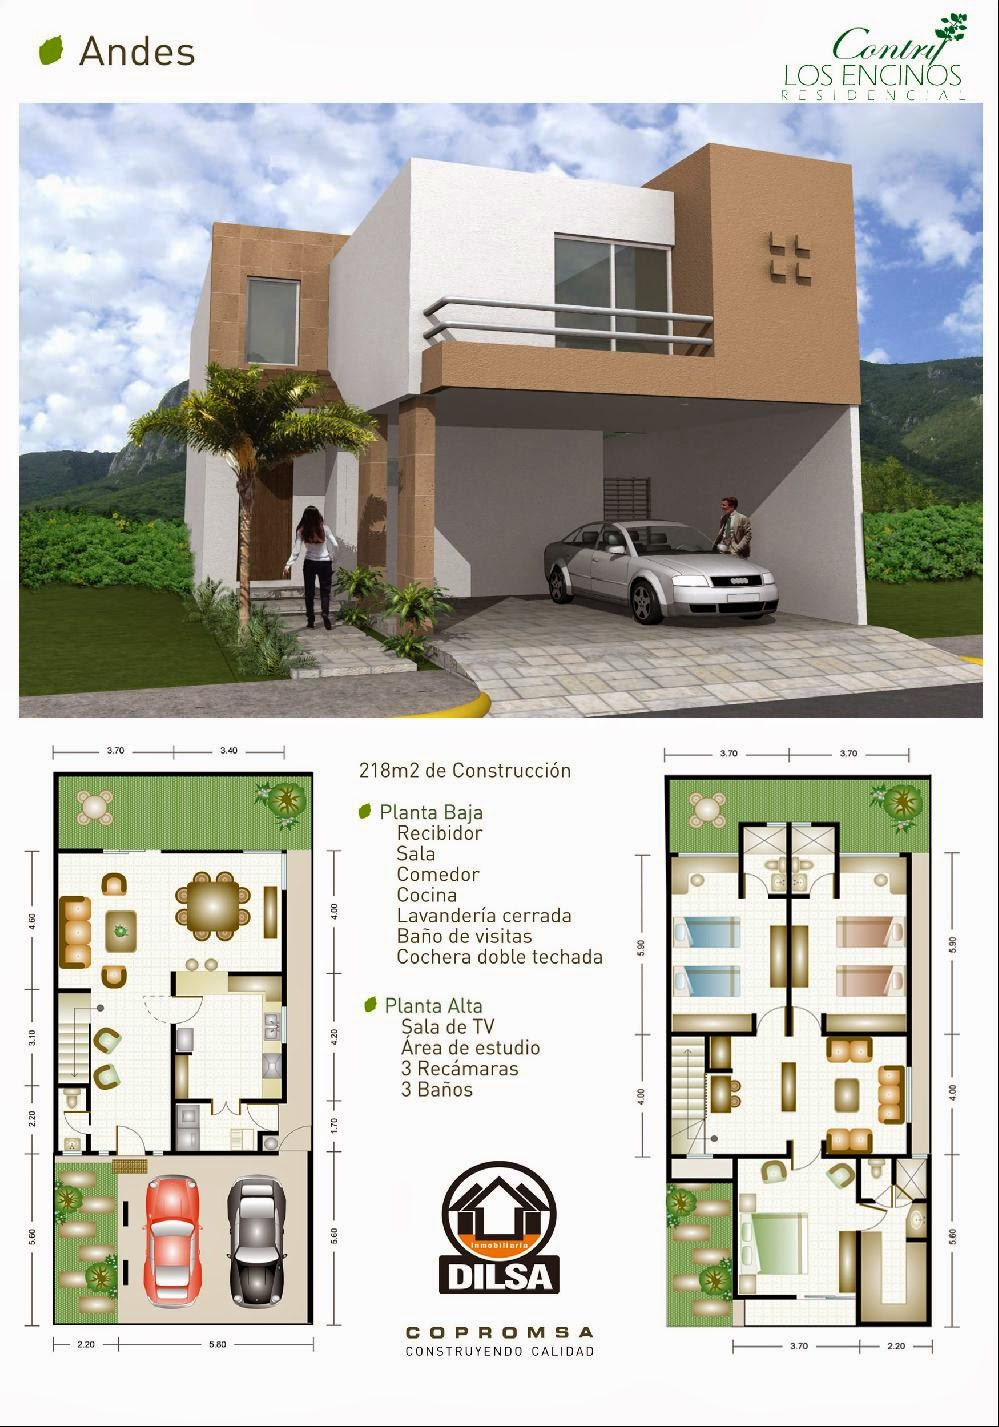 Ba os en planta arquitectonica for Plantas arquitectonicas de casas